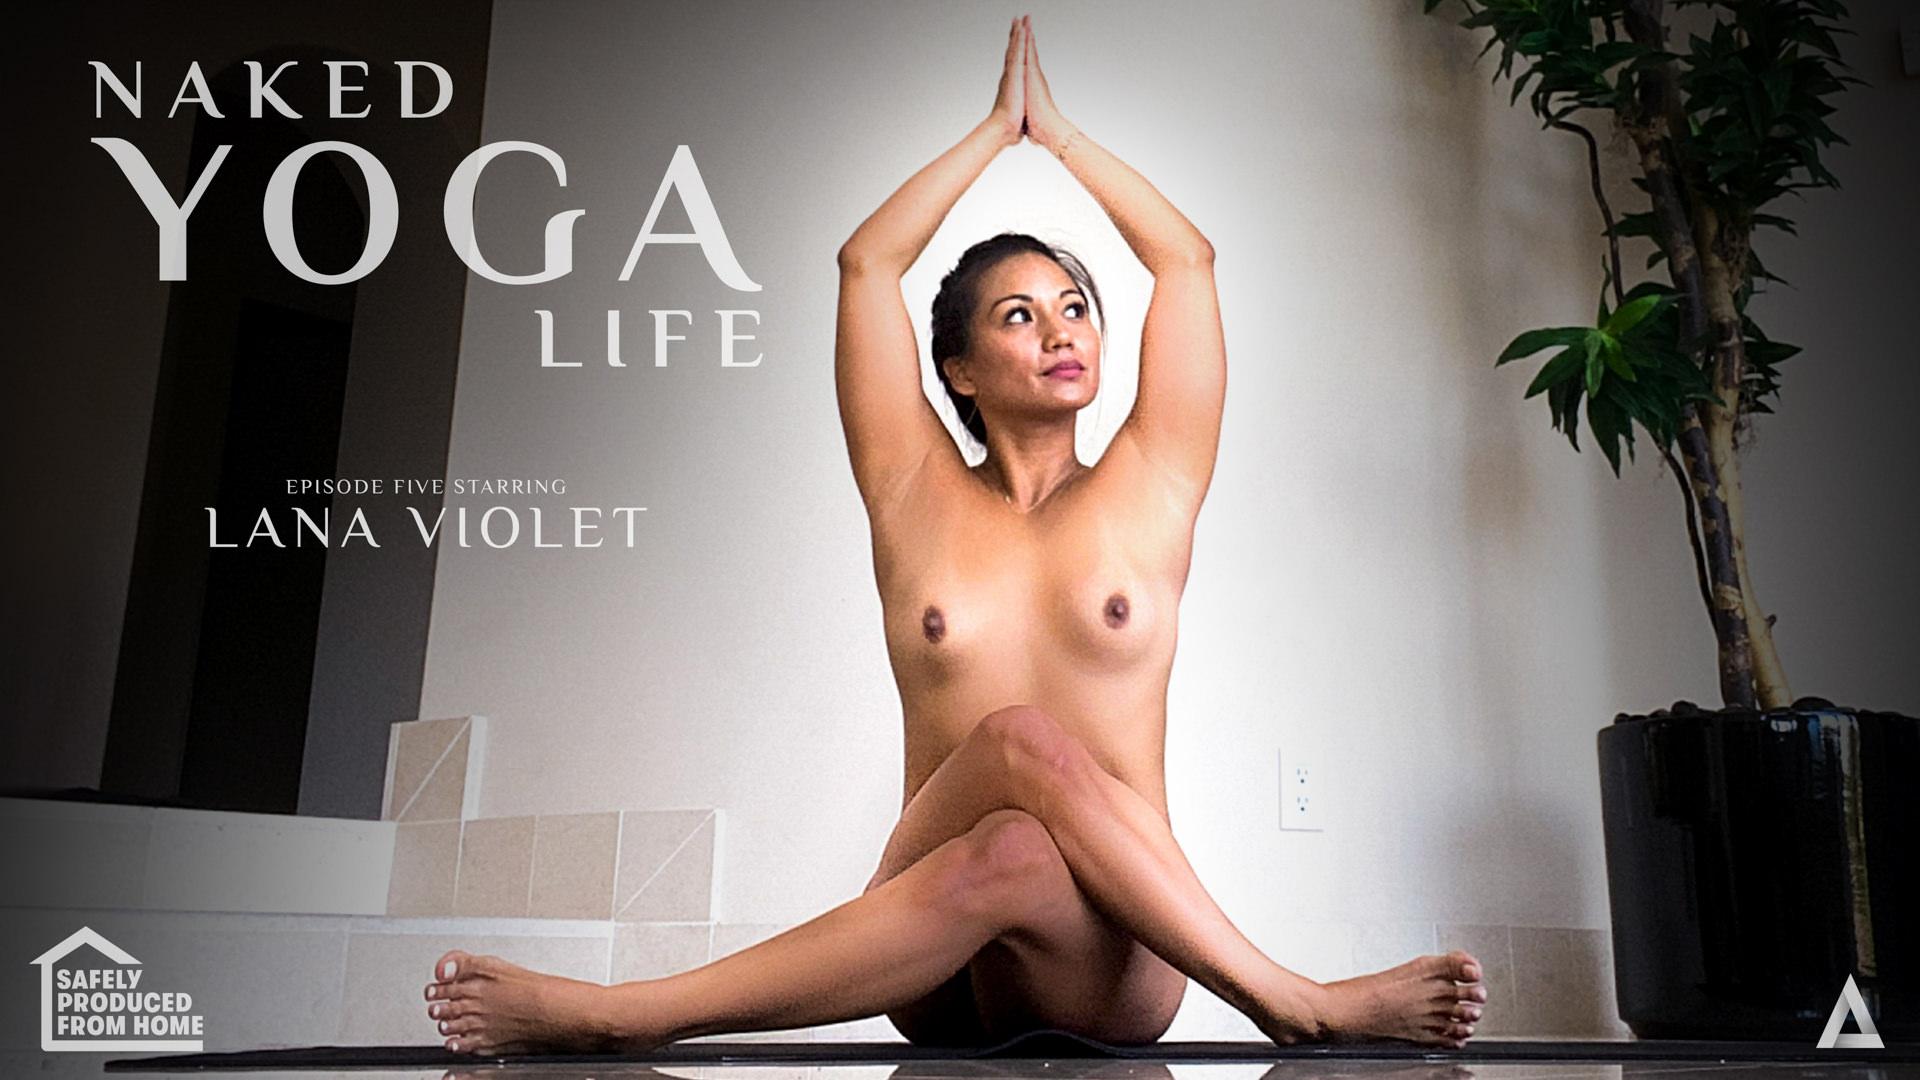 Naked Yoga Life - Lana Violet - Lana Violet 1